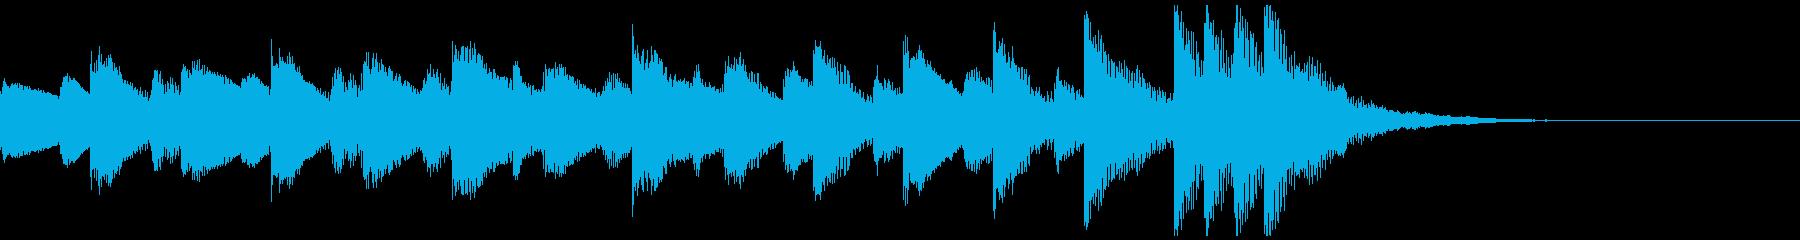 ほのぼのあふれる可愛い曲調です。の再生済みの波形